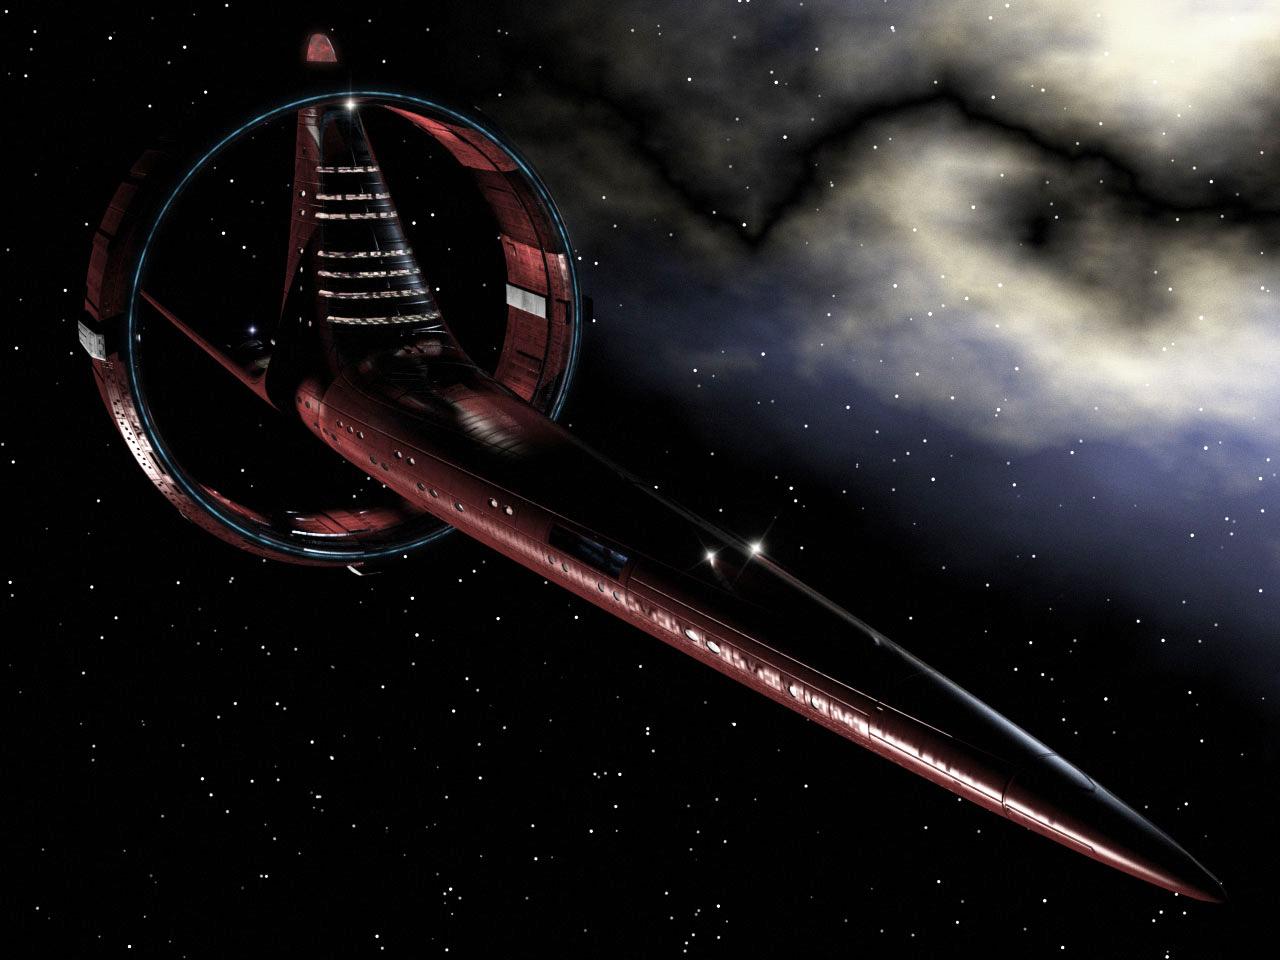 Vulcan surak class1